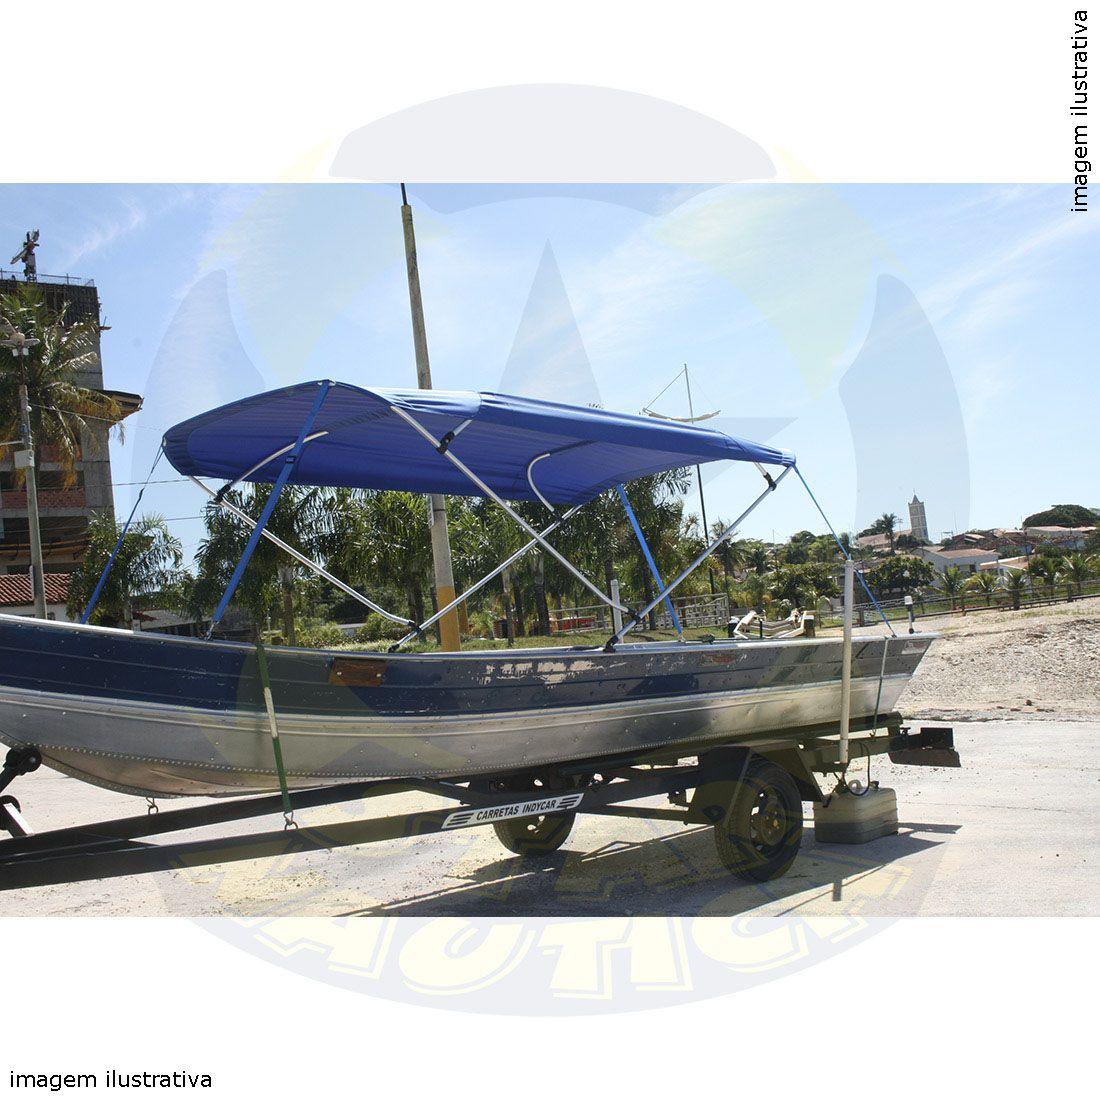 Capota Toldo Barco Karib 500 Poliéster 4 Arcos Tubo 1 1/4